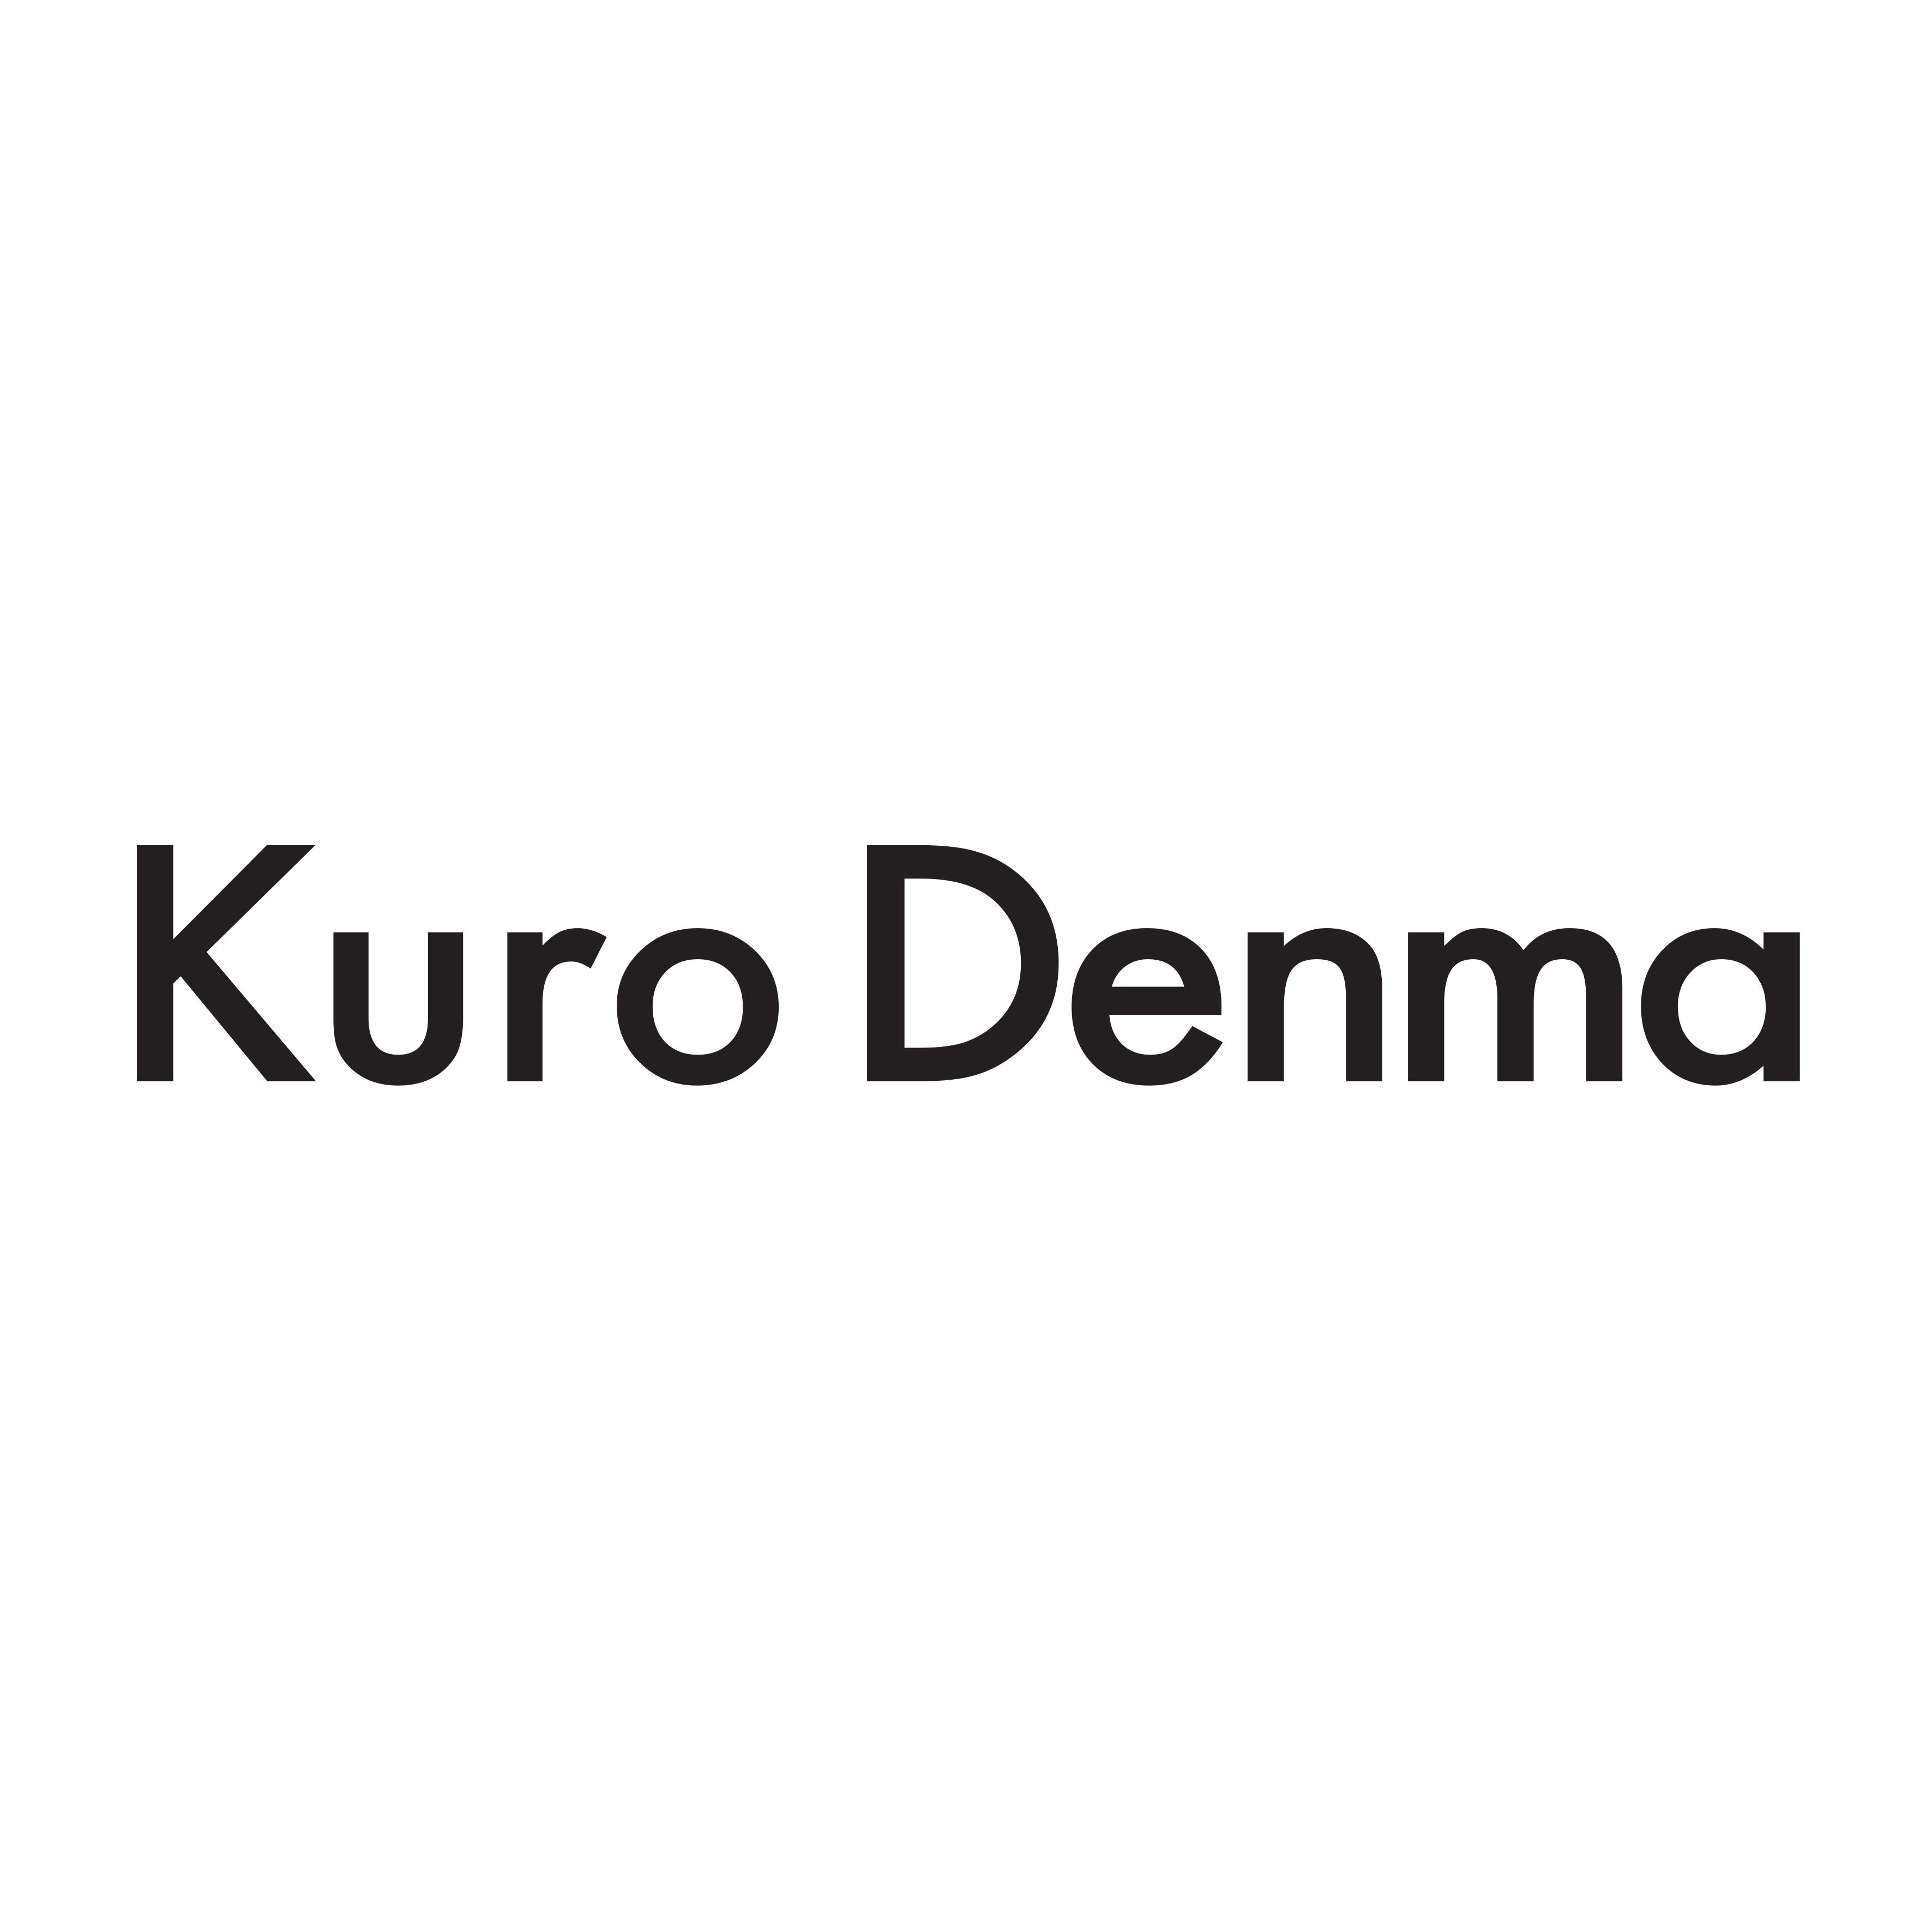 Kuro Denma